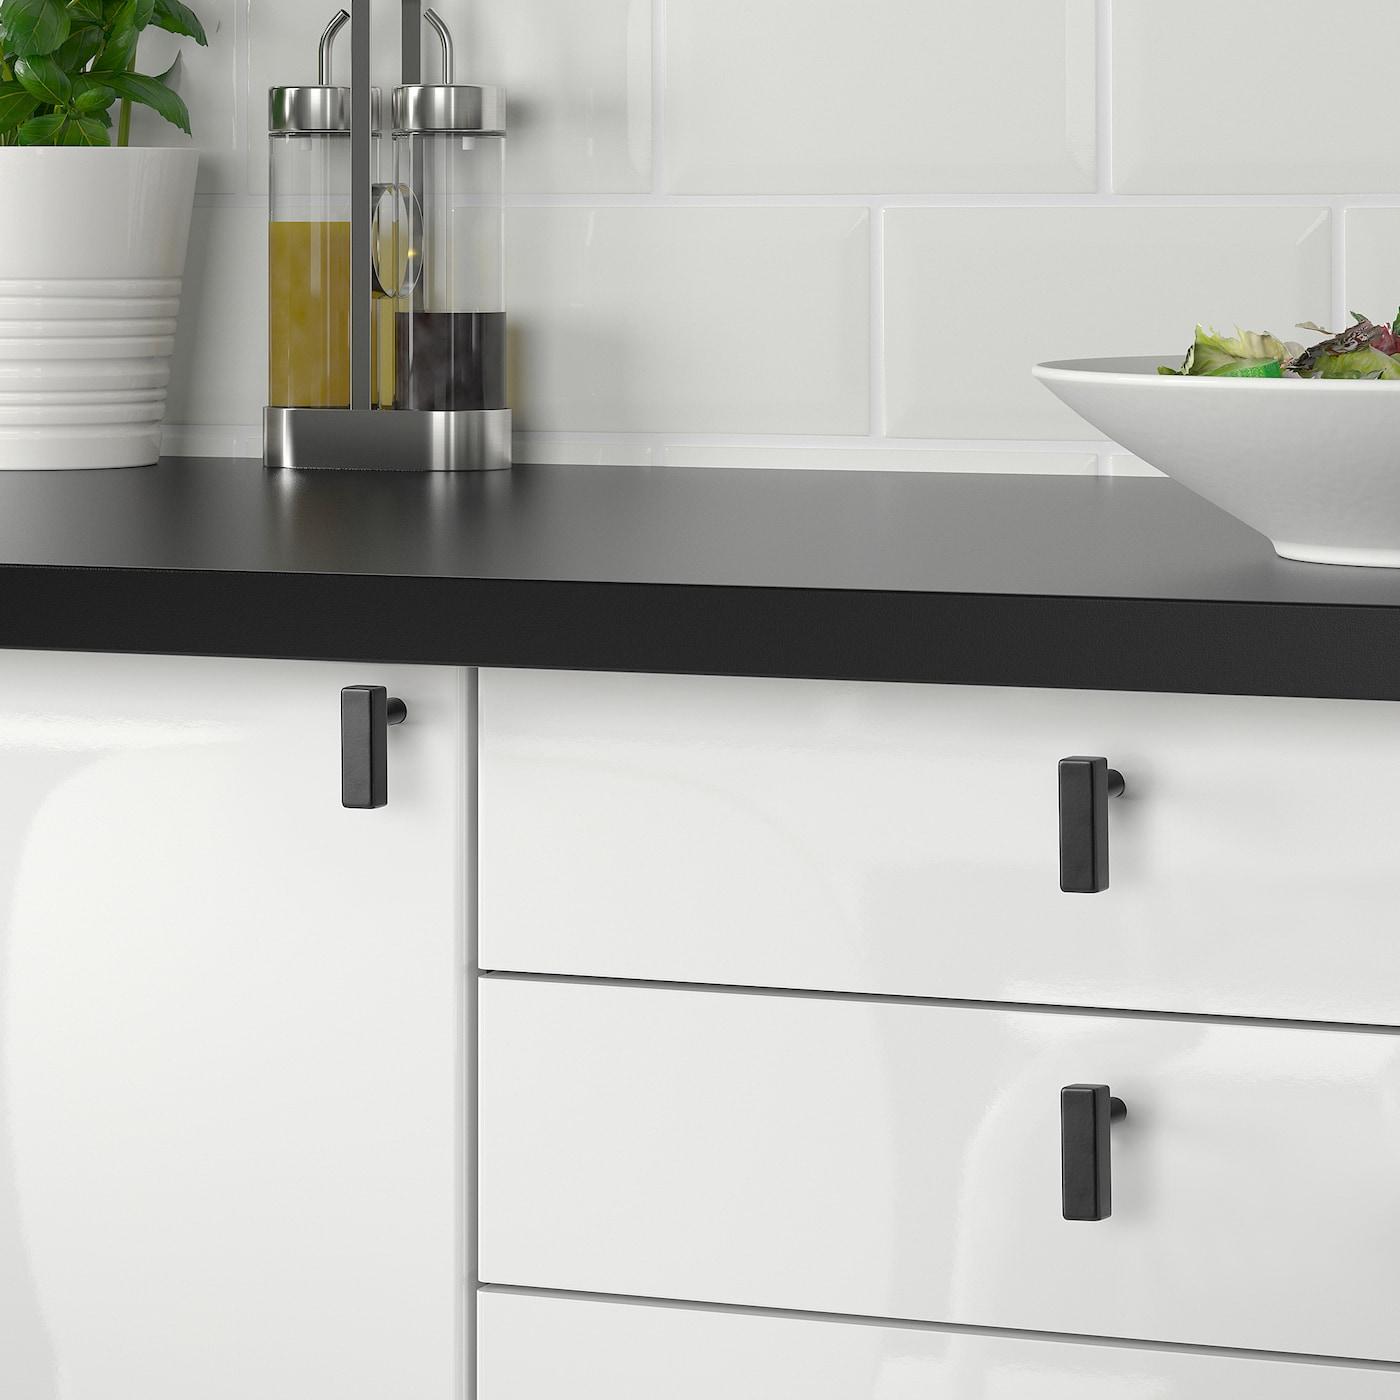 Gribbol Knop Zwart Ikea